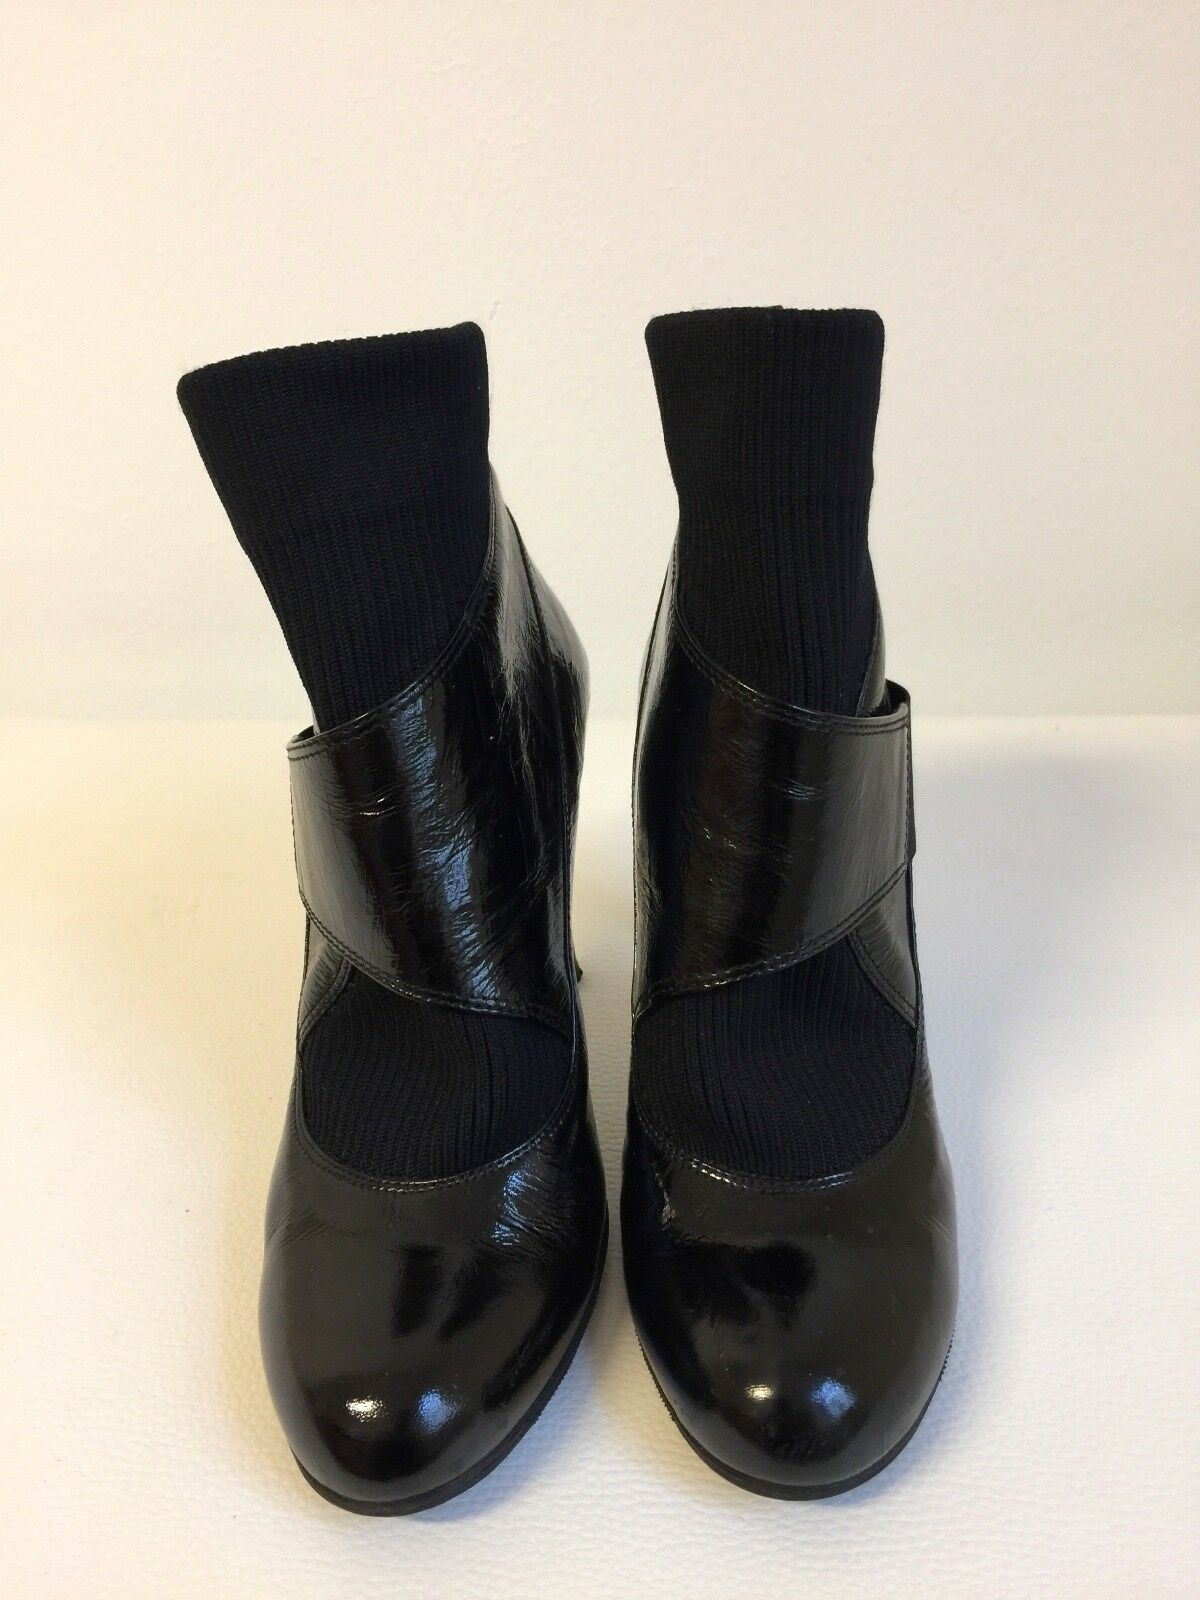 SHY Italy edle, schwarze extravagante extravagante extravagante Stiefeletten / 10 cm Absatz / Gr. 39 41598b